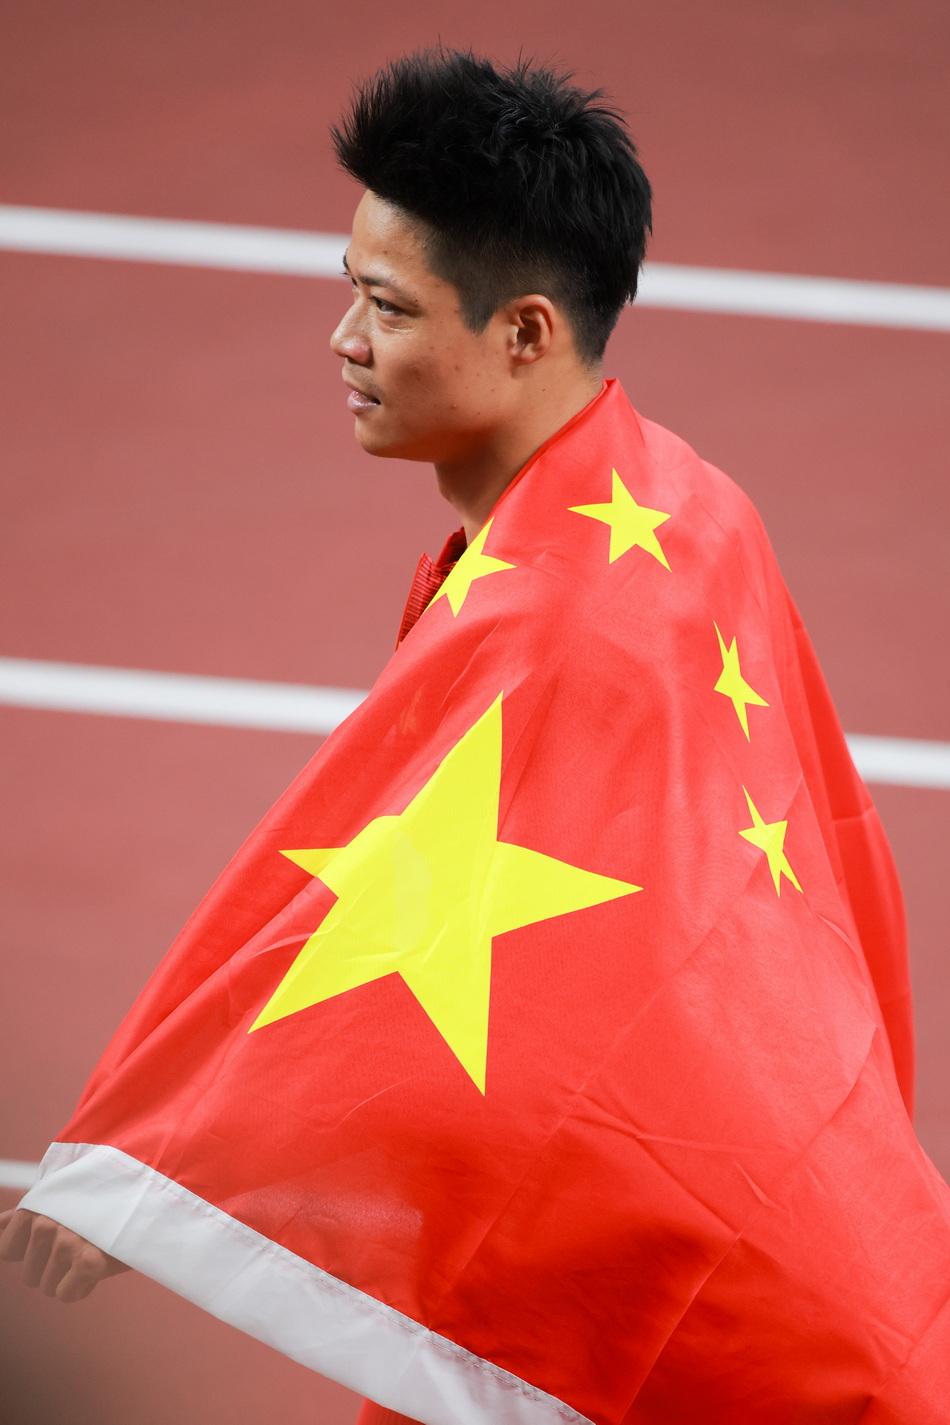 比赛结束后,苏炳添从看台上接到一面五星红旗,披在身上。苏炳添赛后说:自己终于可以站上百米的跑道,完成了自己的梦想,也完成了祖国短跑历代前辈们对我们的祝福。